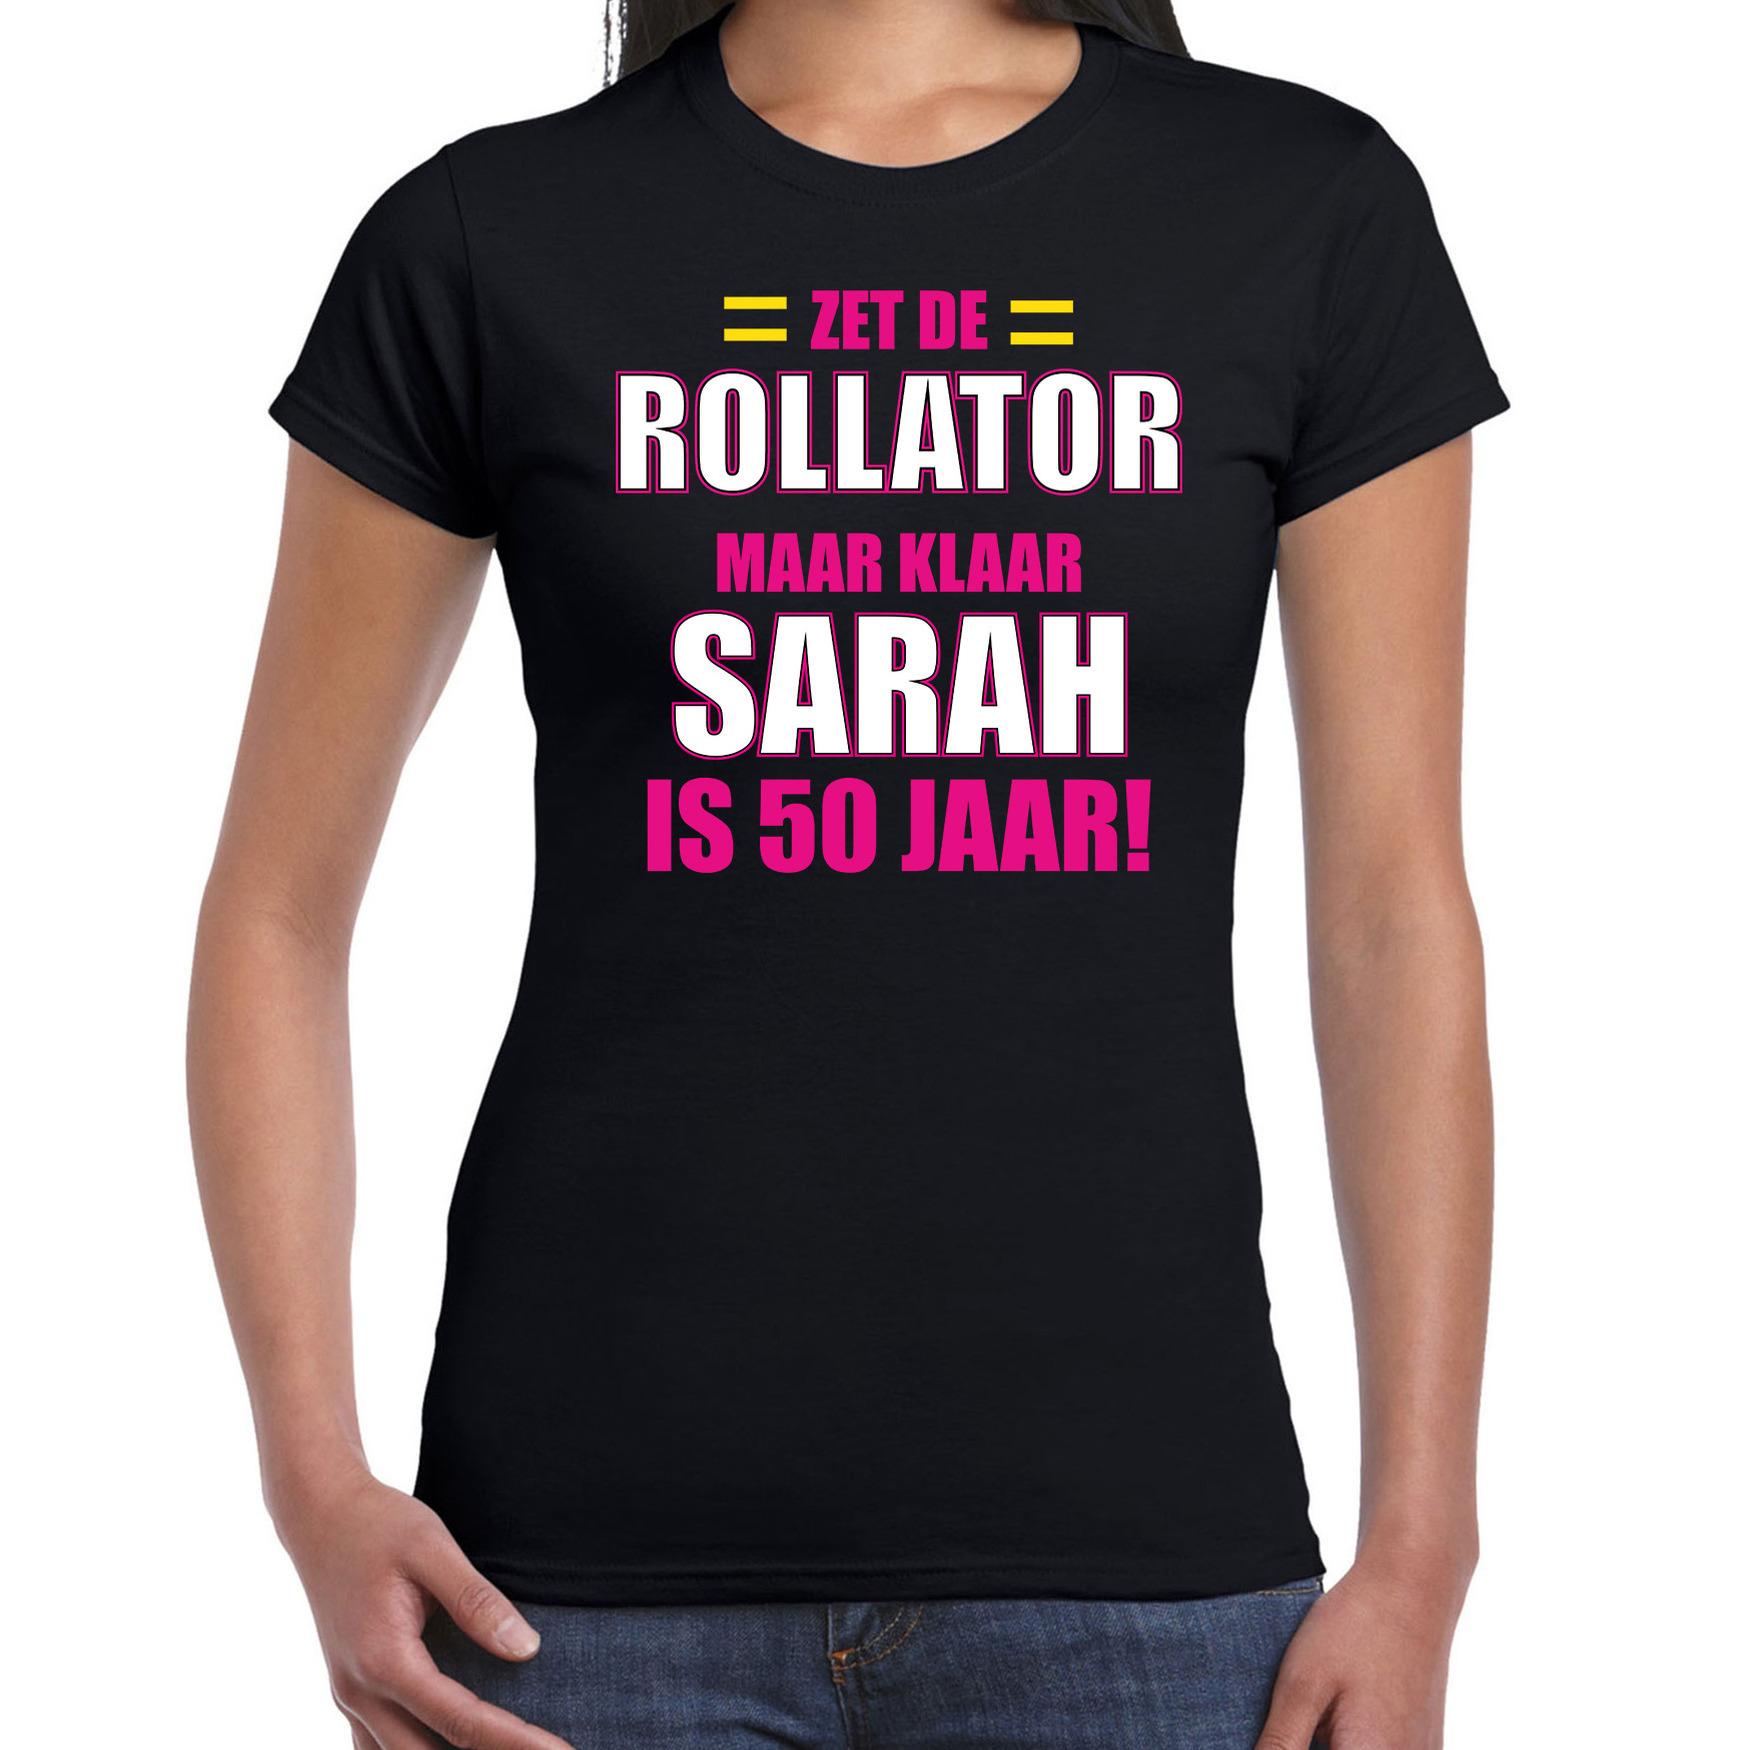 Verjaardag cadeau t-shirt rollator 50 jaar Sarah zwart voor dames XS -